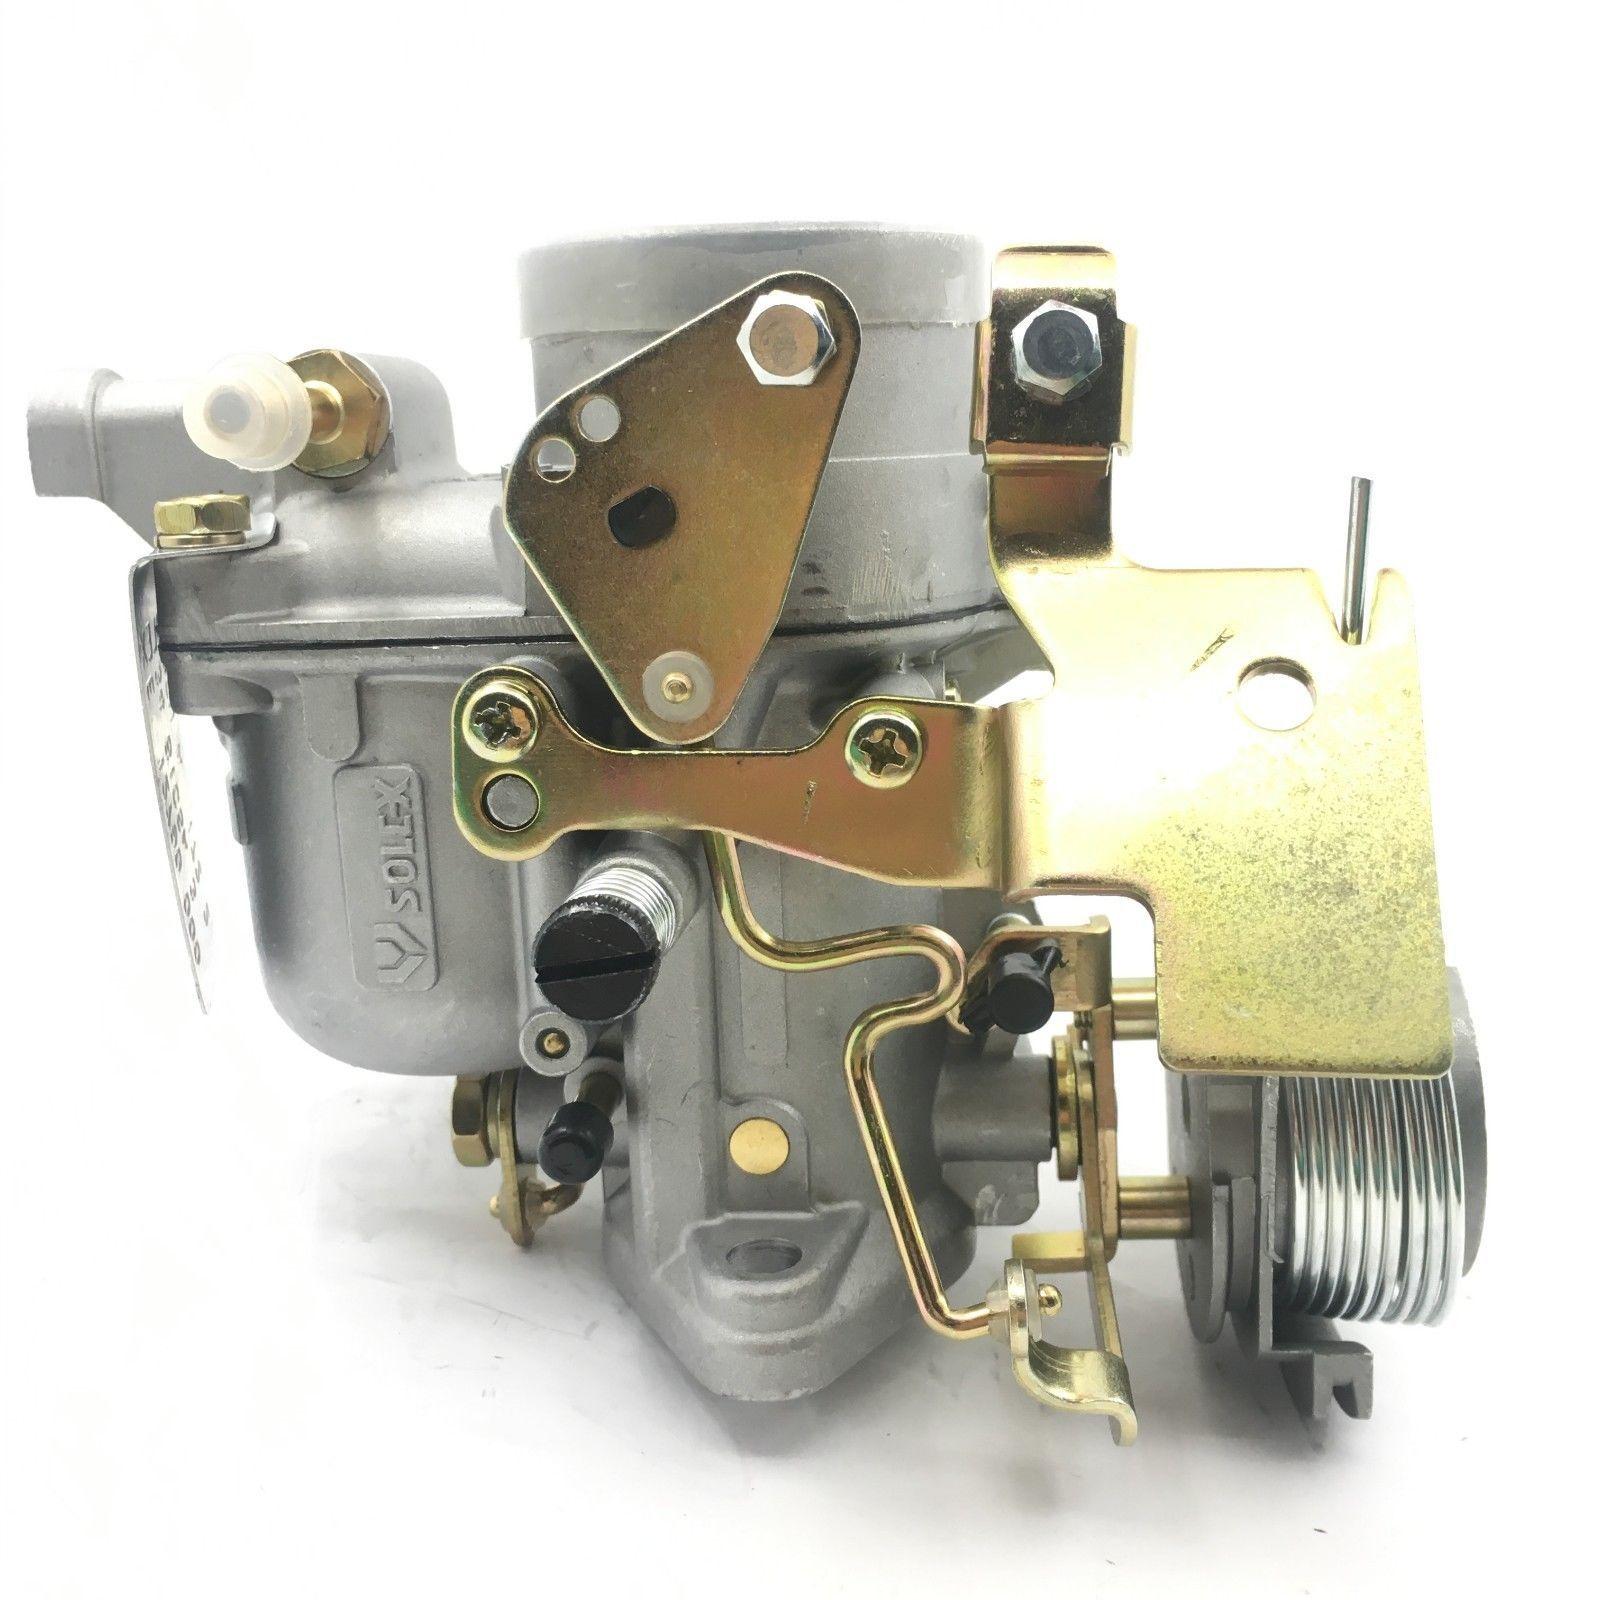 Yeni yedek karbonhidrat / peugeot 404/504 için Karbüratör Solex 34 BICSA 3 karbüratör